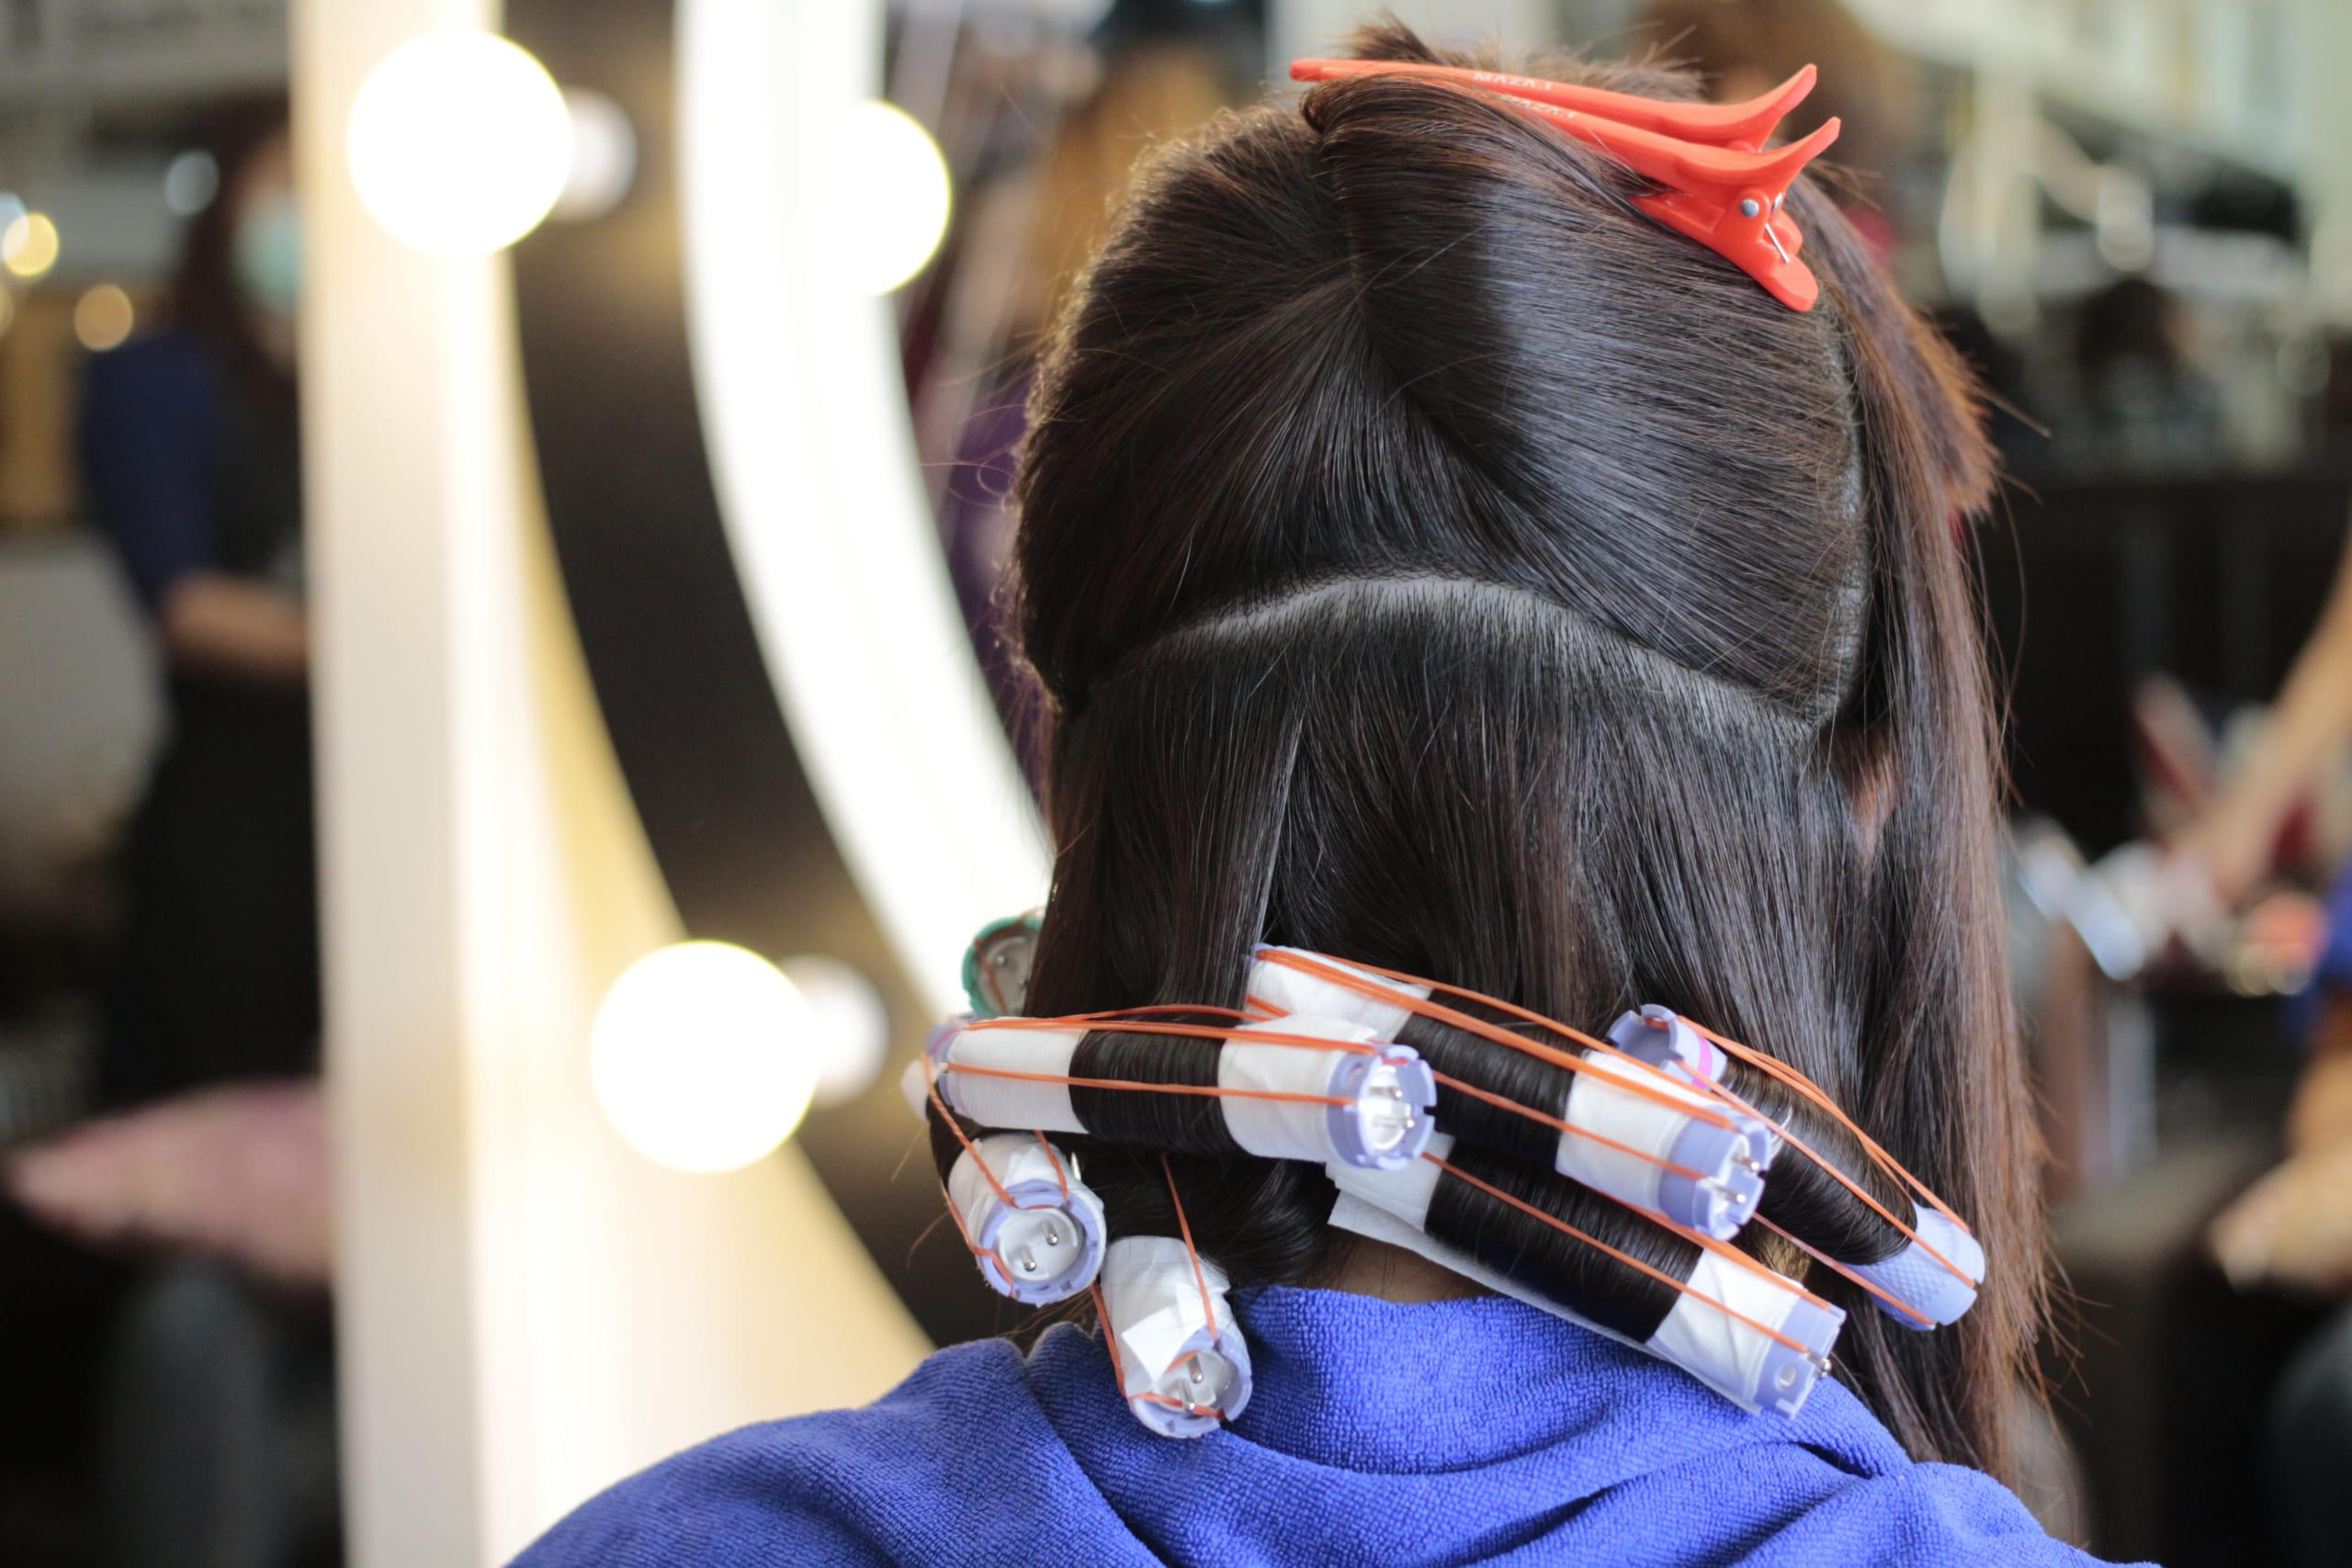 Tóc uốn và nhuộm cần có phương pháp chăm sóc tóc phù hợp